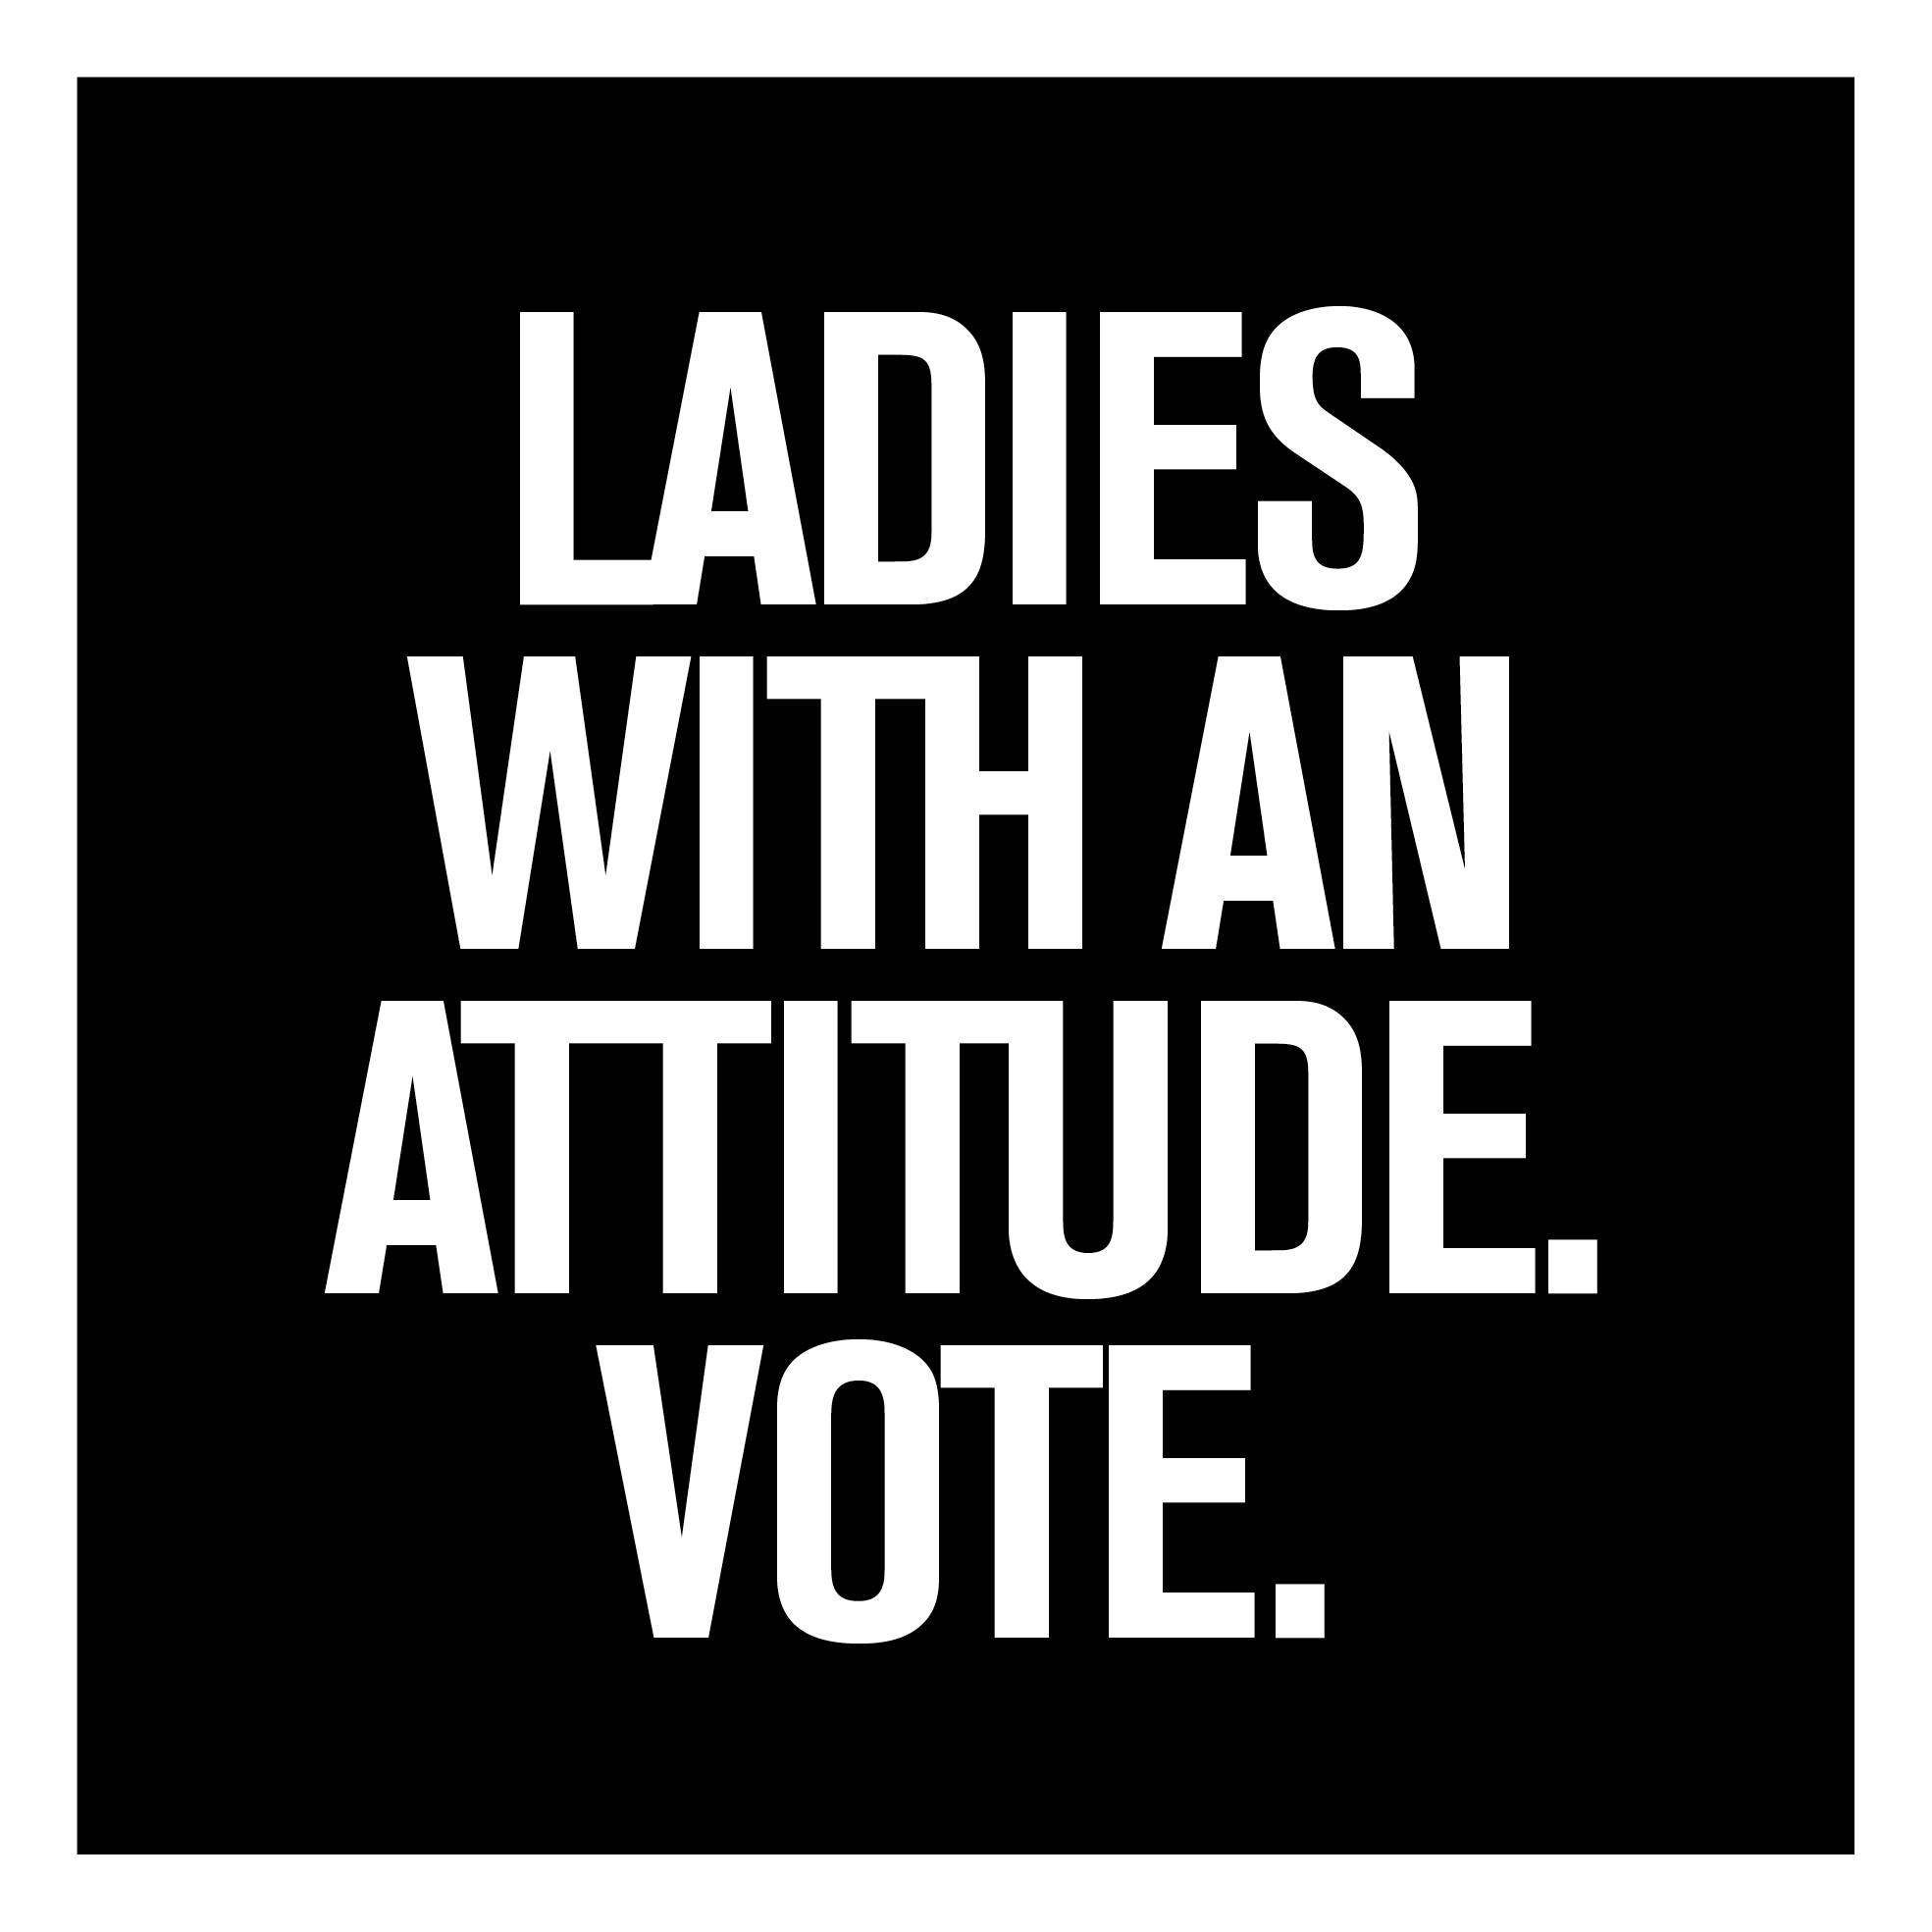 ladies_vote_klap